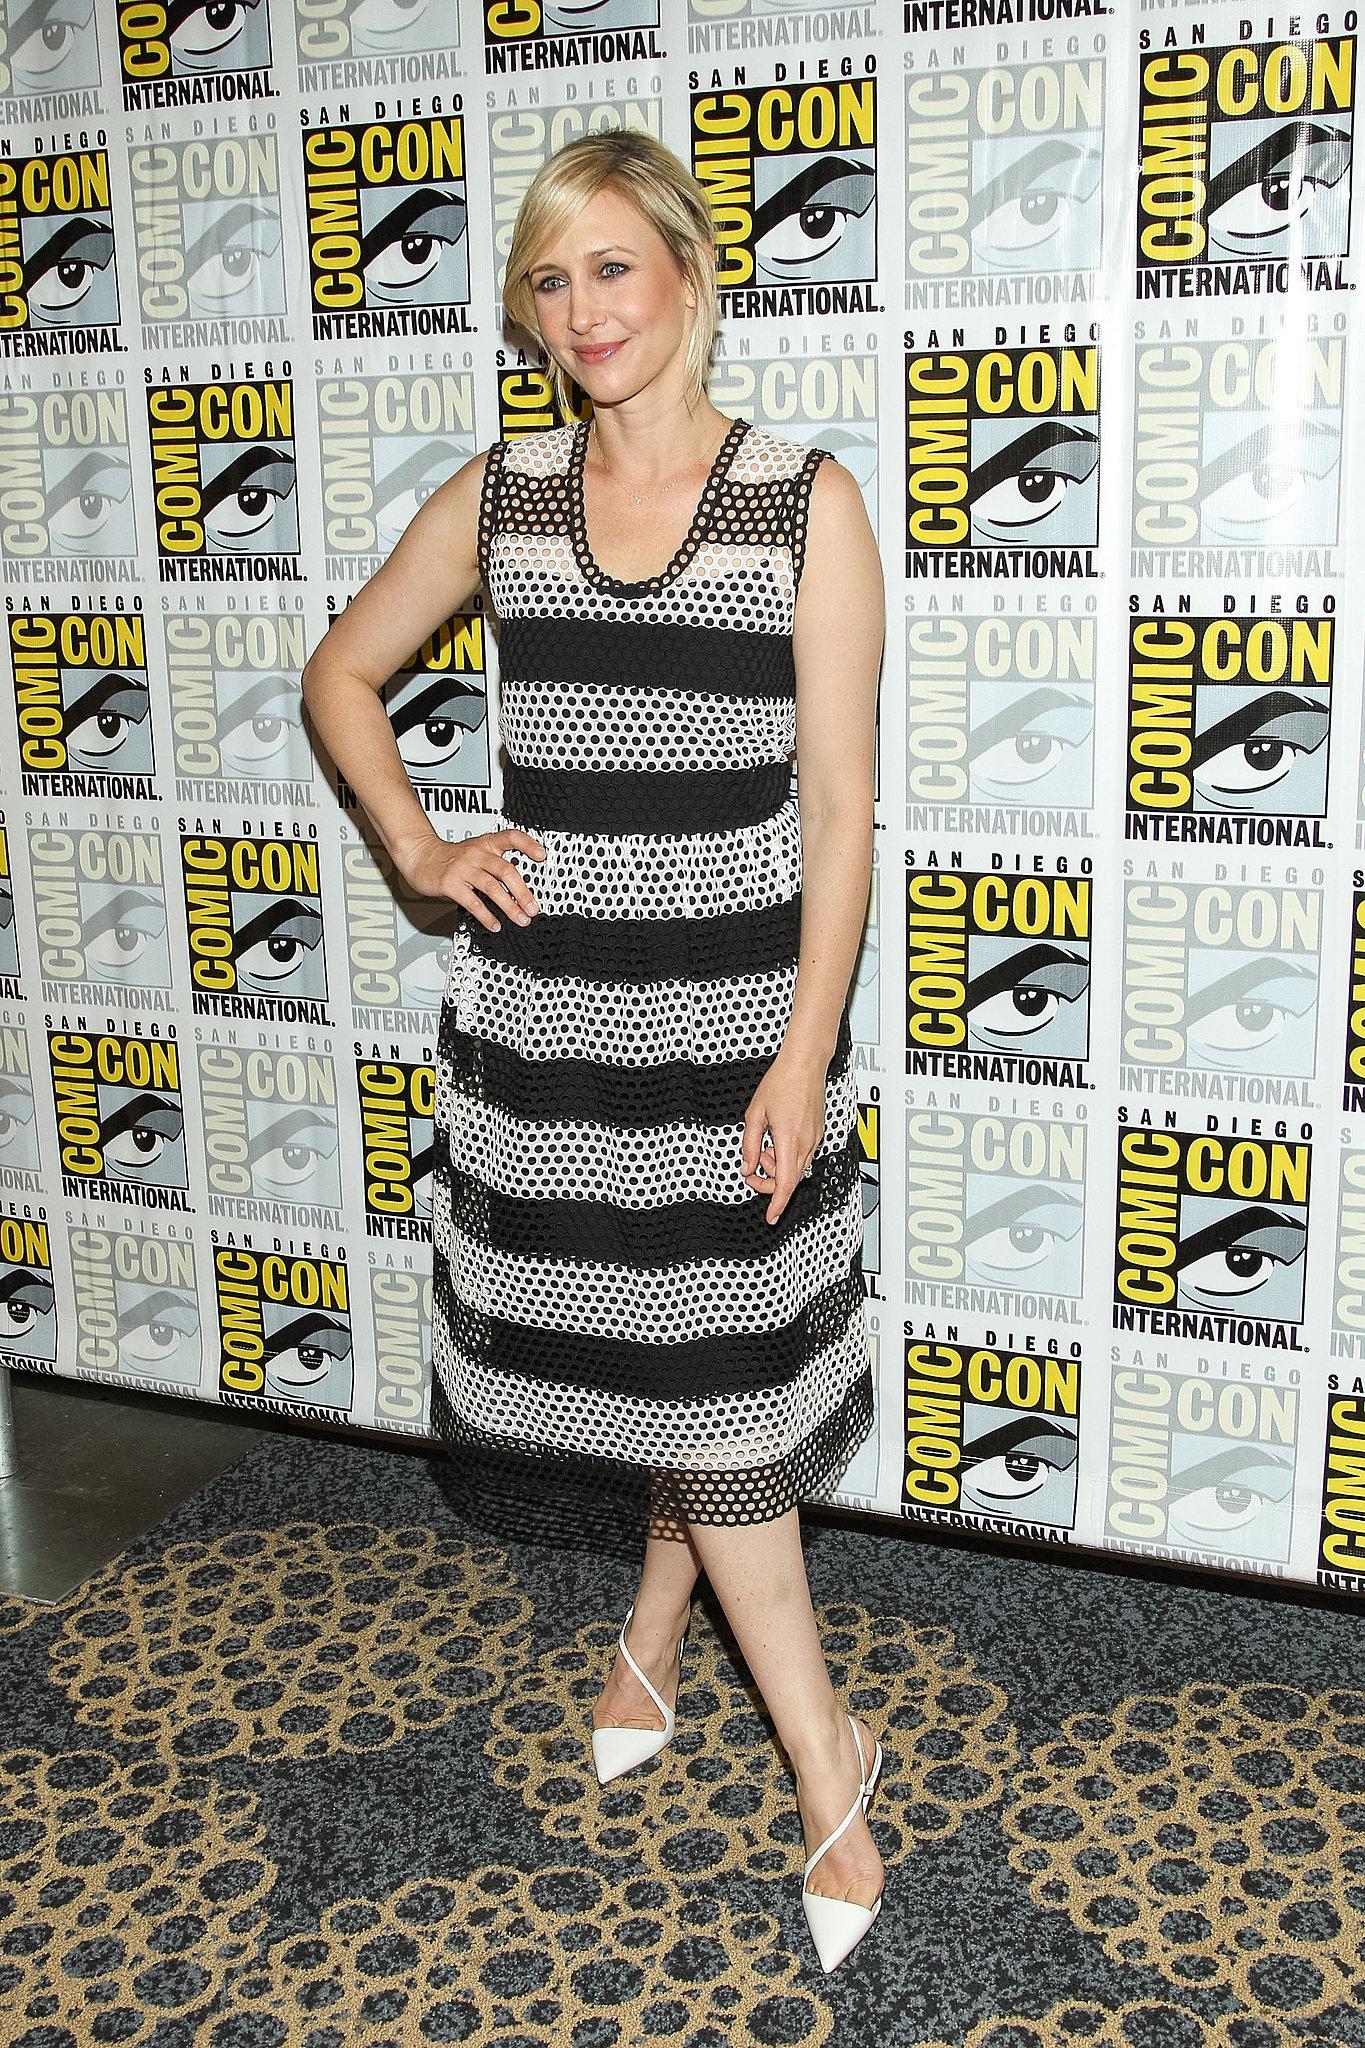 Vera Farmiga wore a striped dress to a press event for her show, Bates Motel.